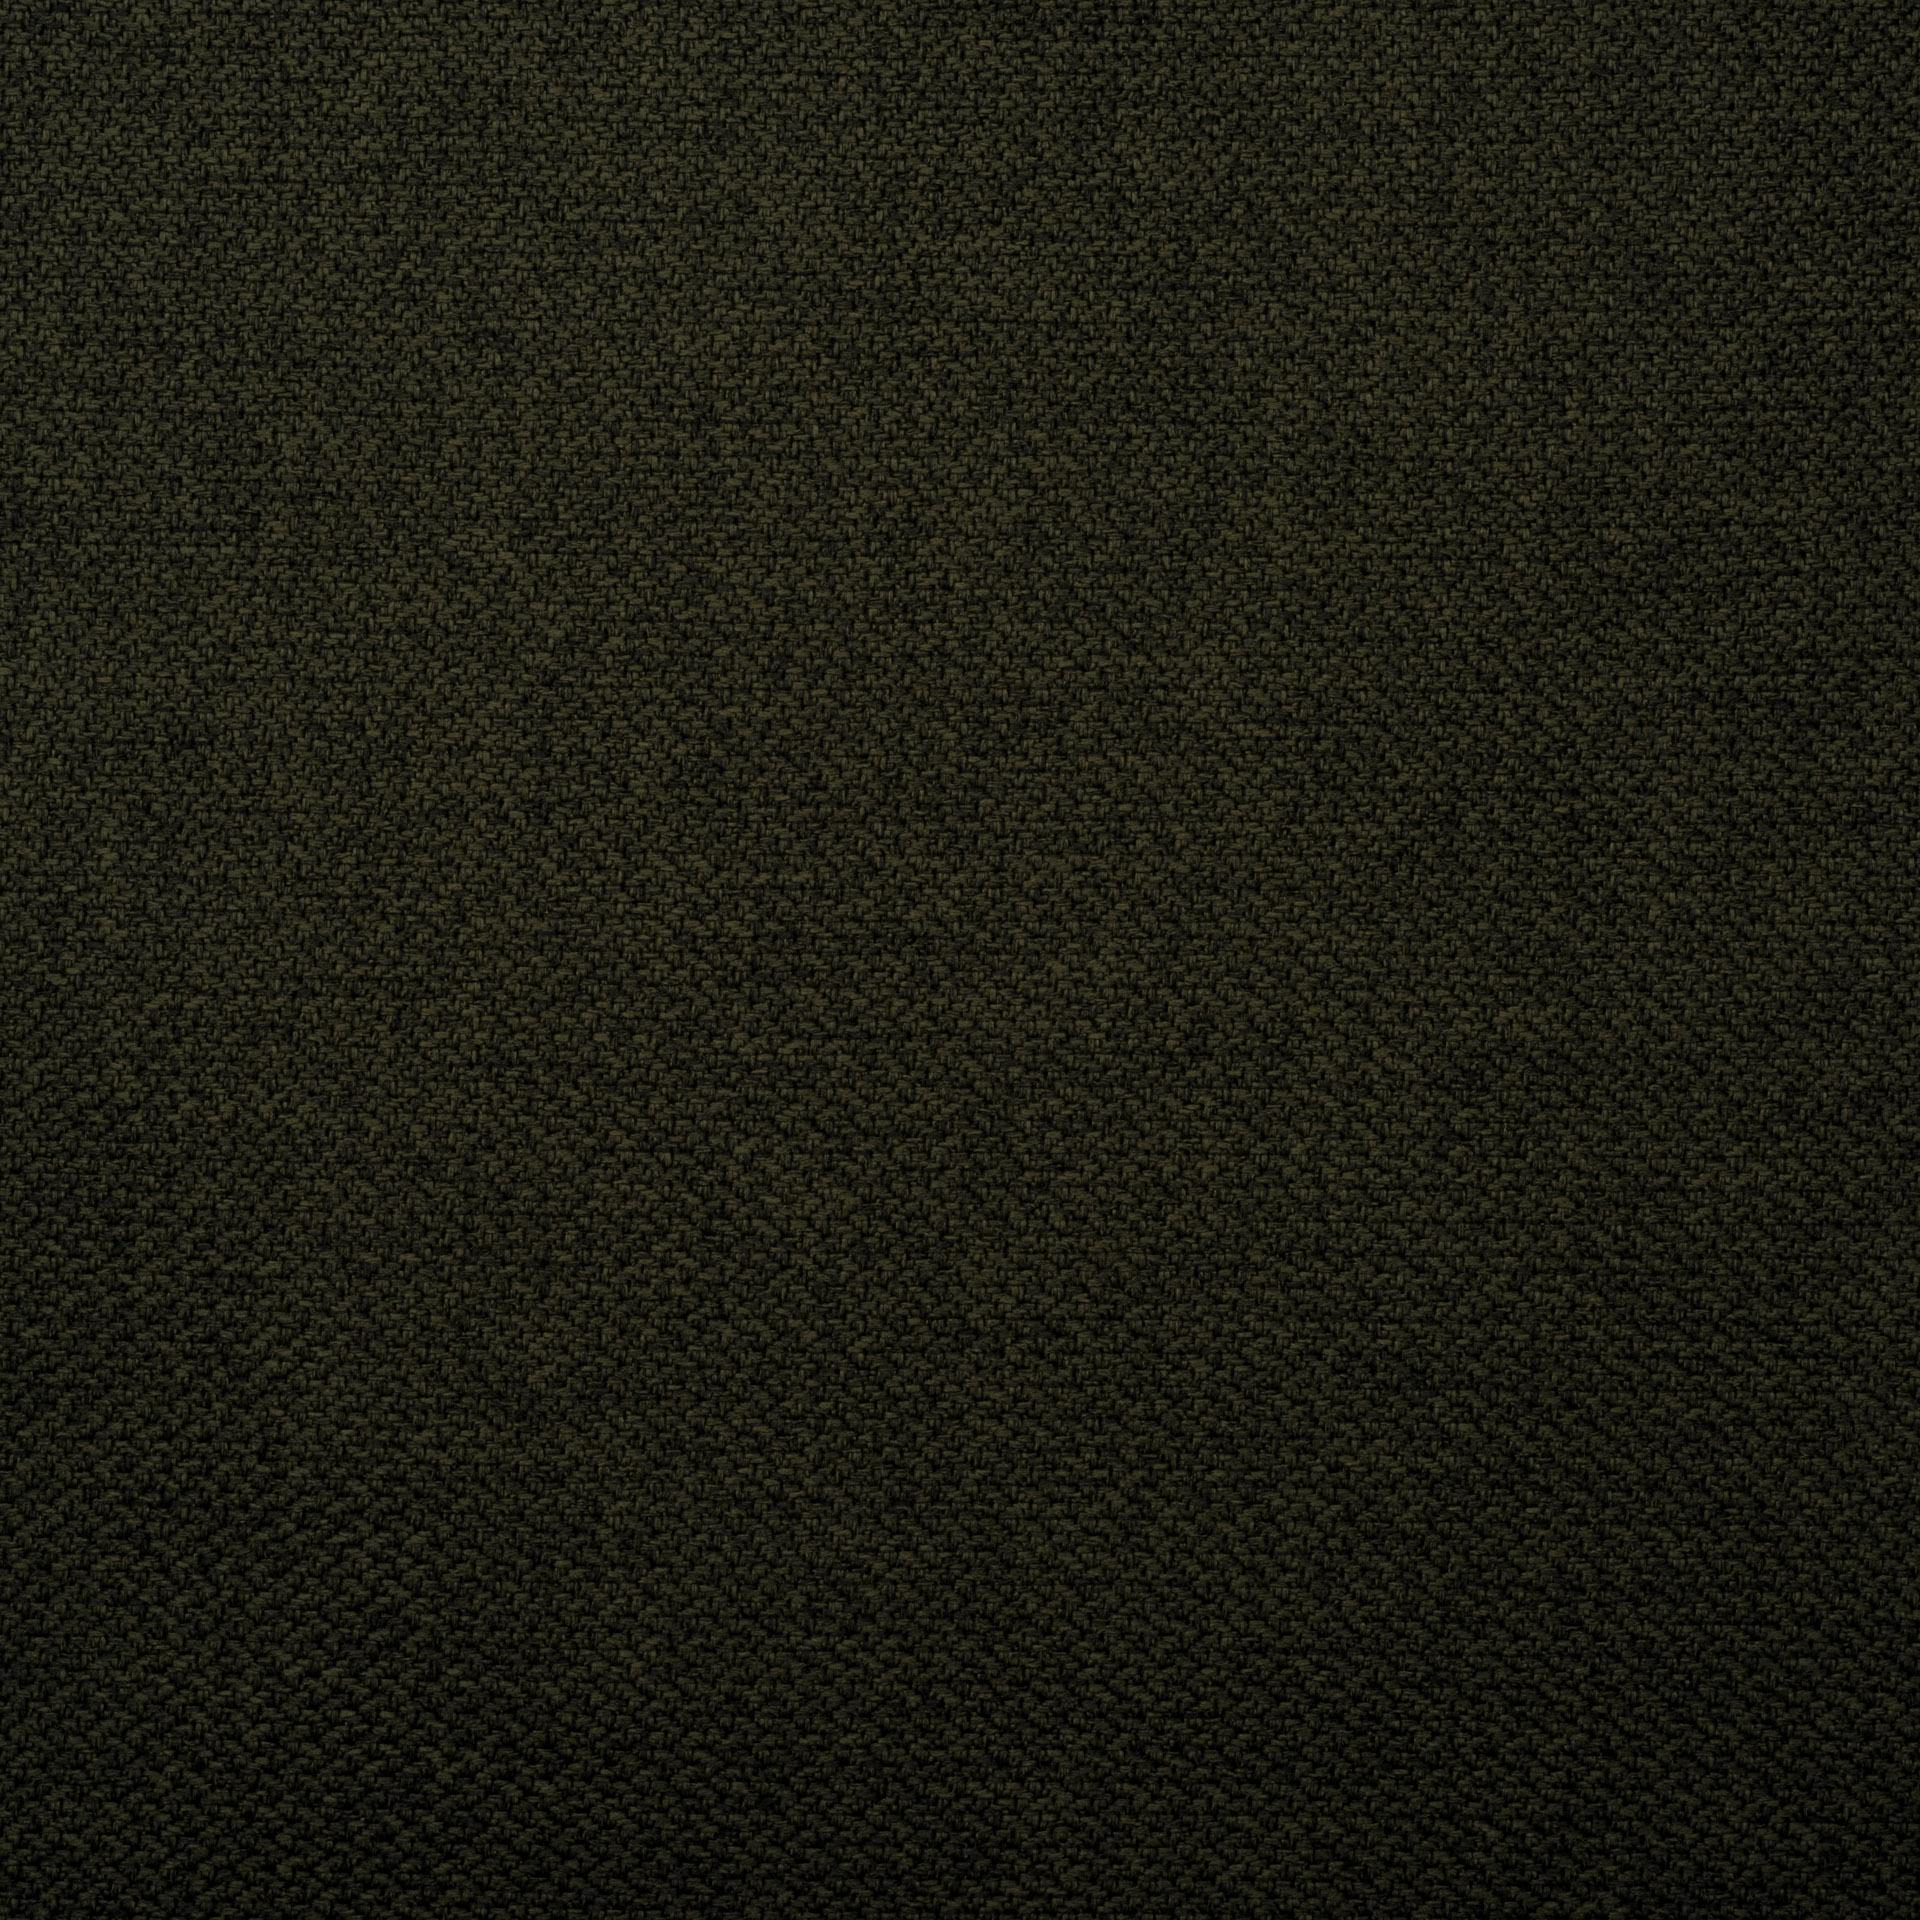 Коллекция ткани Мальмо BOTTLE 37,  купить ткань Жаккард для мебели Украина